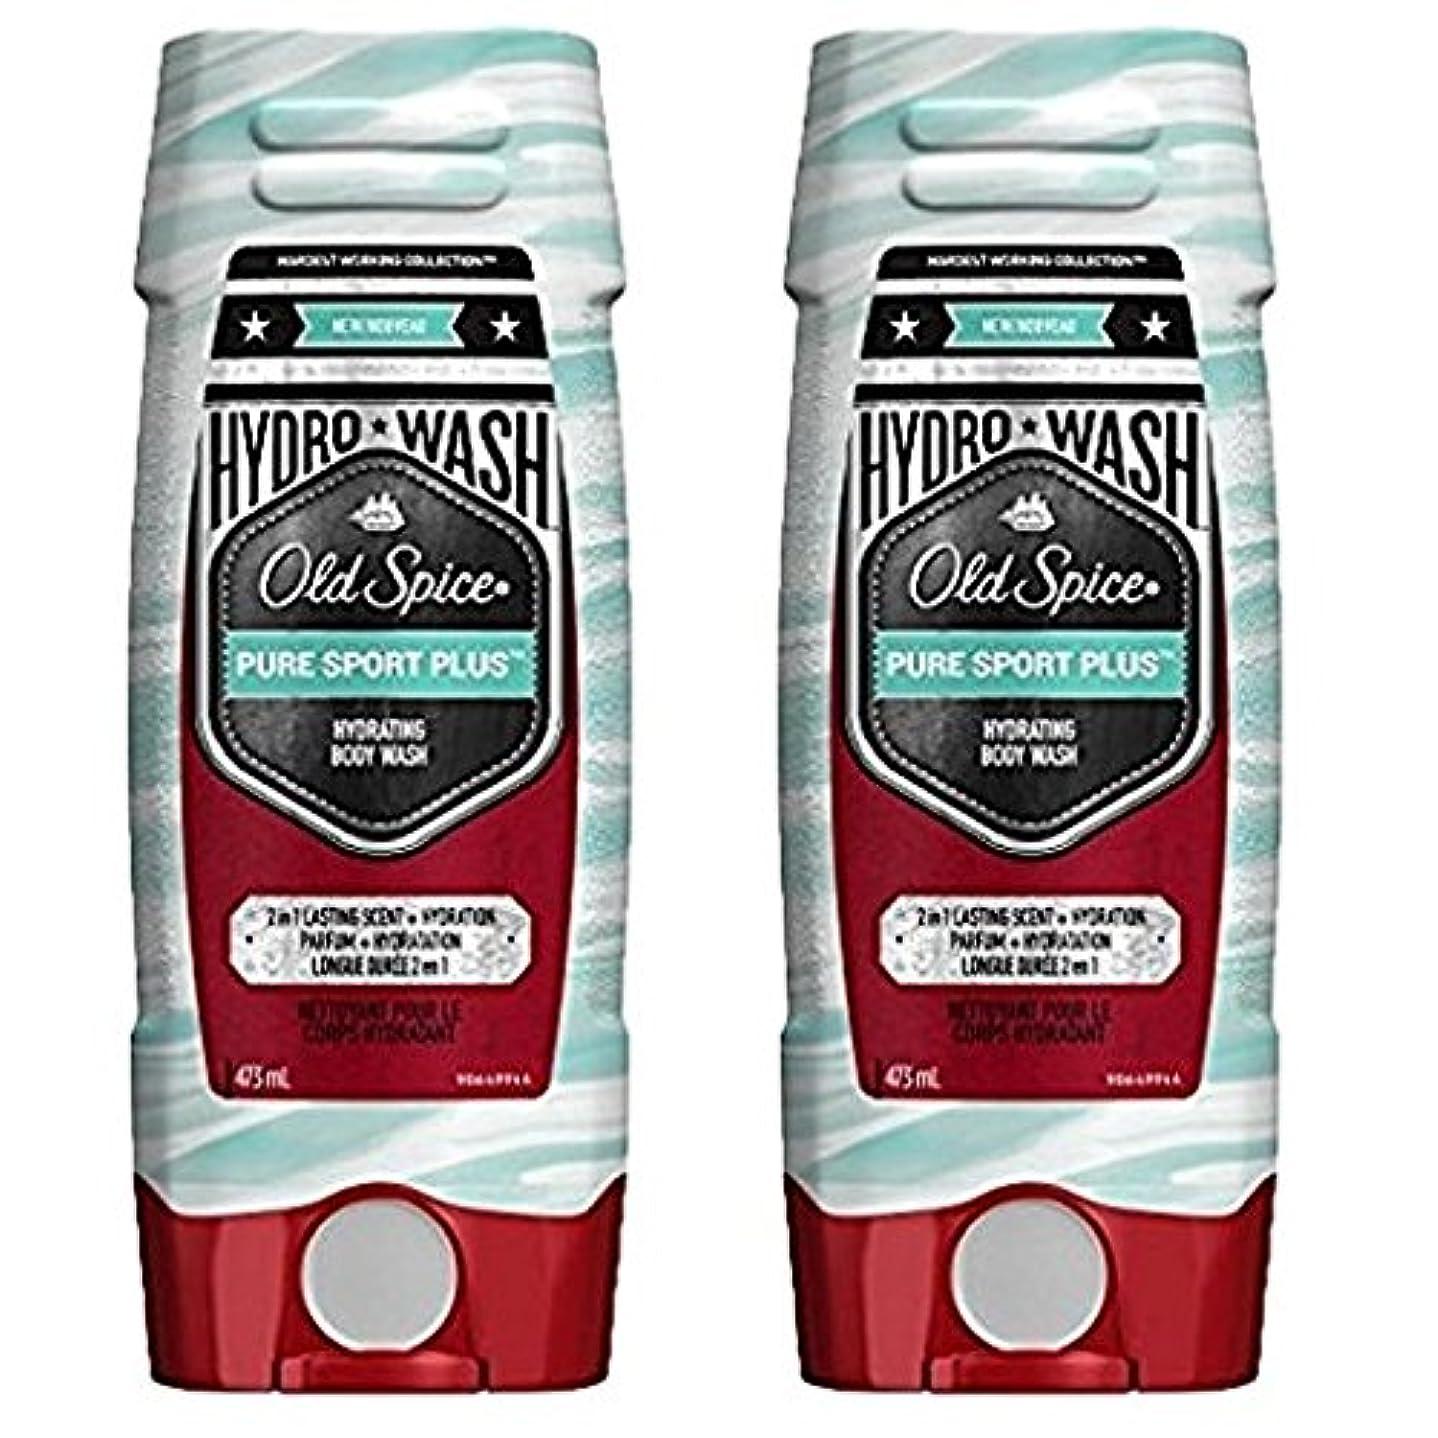 チロ費用韓国海外直送品 Old Spice Hydro Wash Body Wash Hardest Working Collection Pure Sport Plus 16 Oz, 2 Pack ボディーソープ 2本